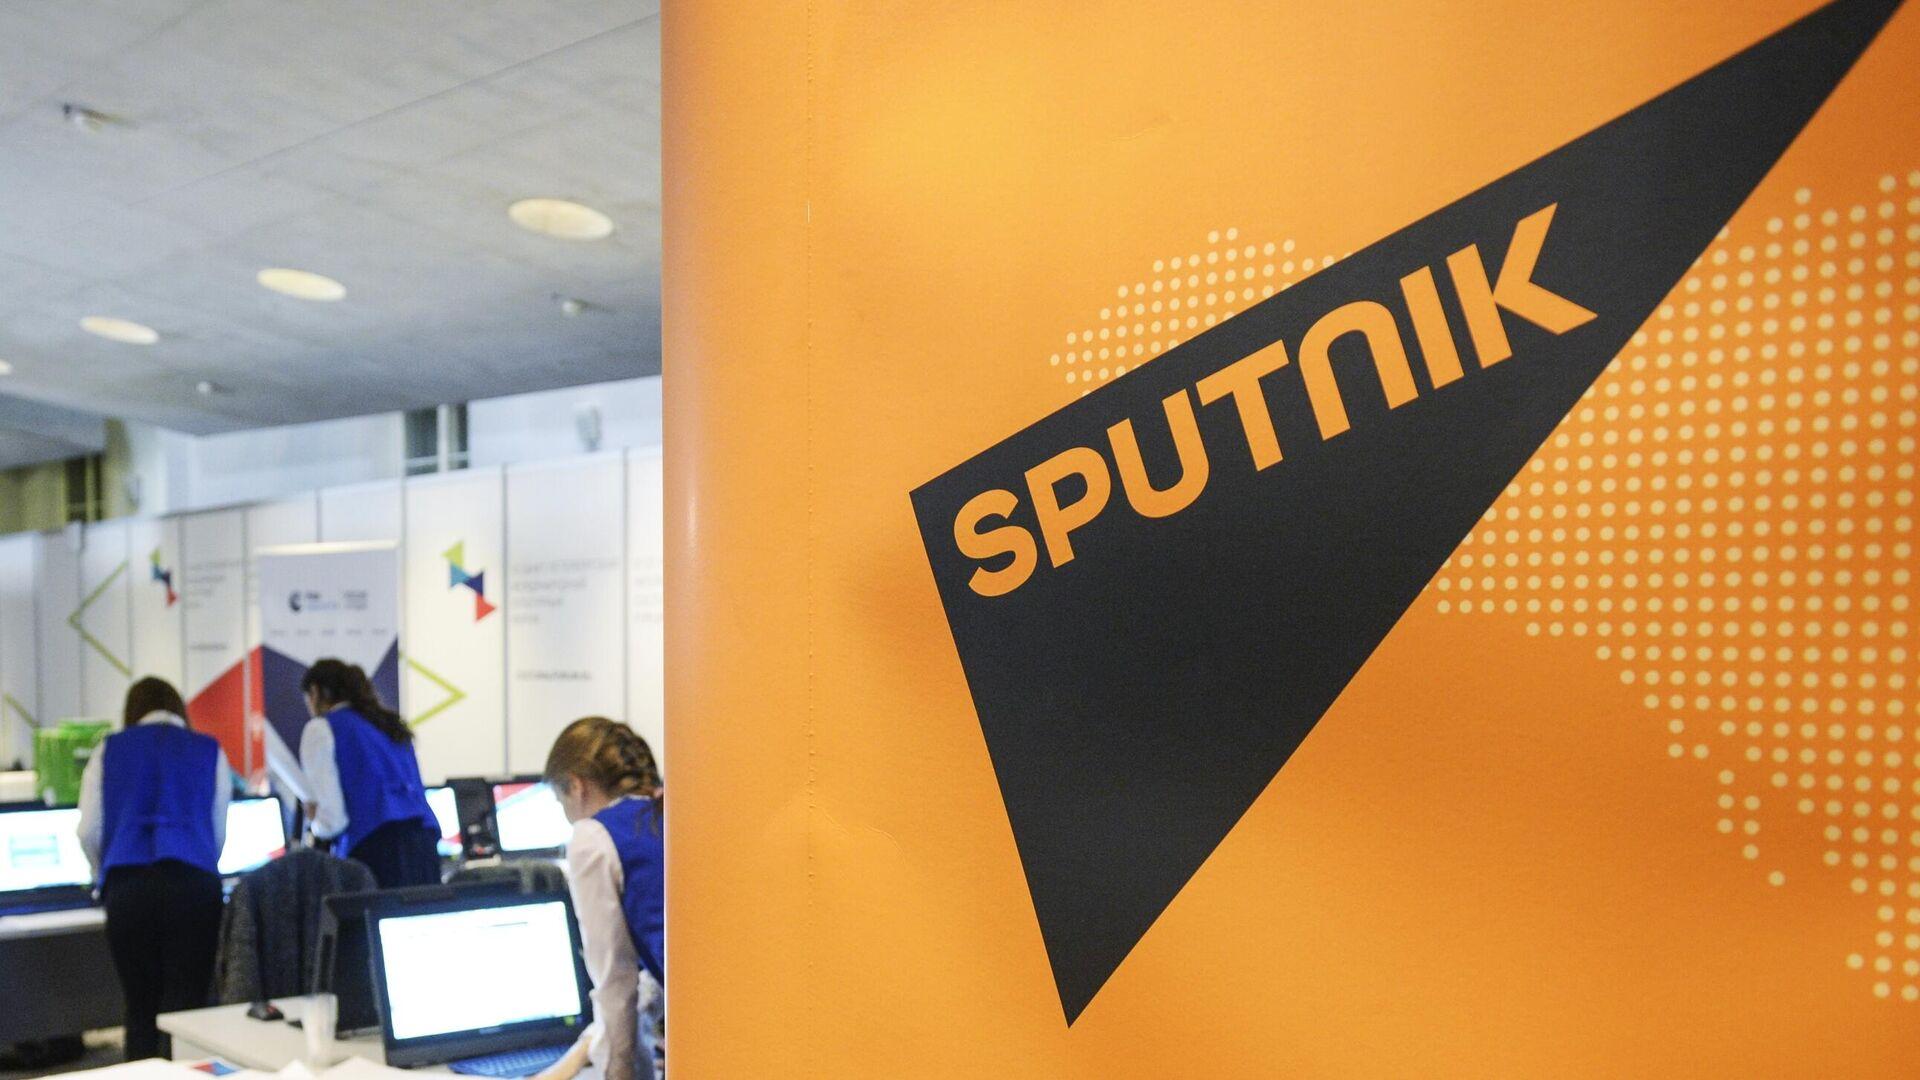 Студия информационного агентства и радио Sputnik - РИА Новости, 1920, 29.09.2020